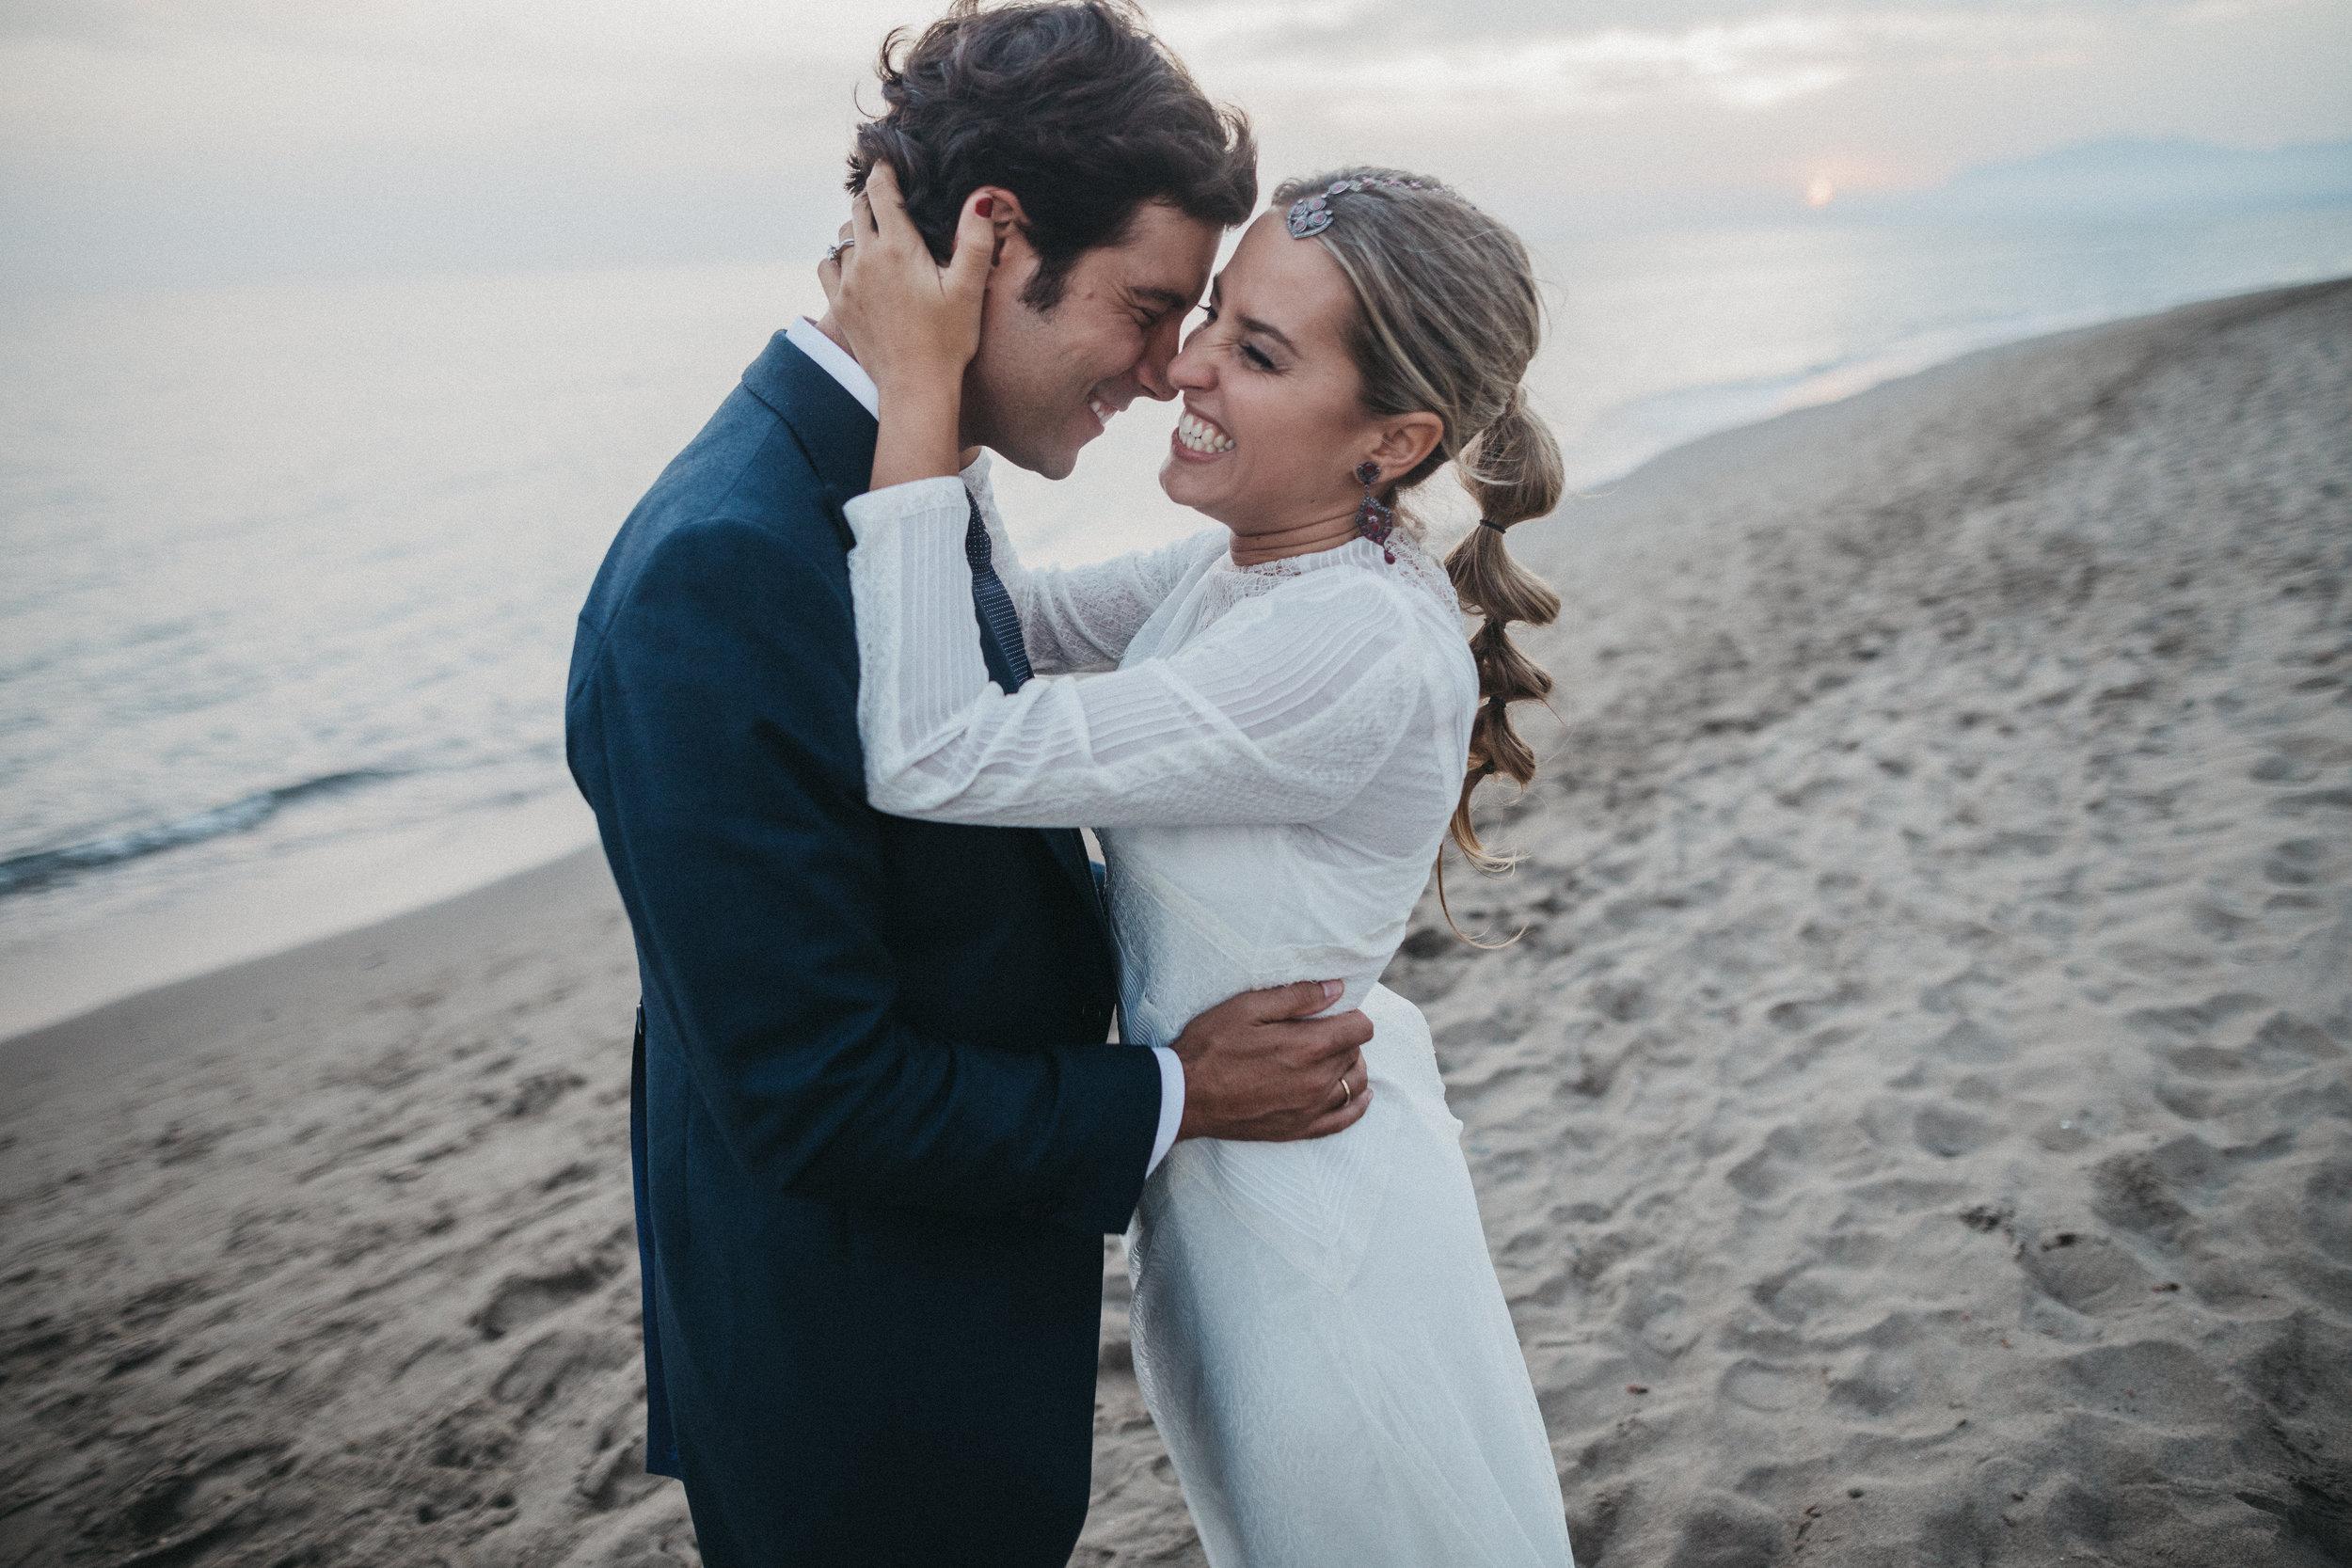 Fotografo de bodas españa serafin castillo wedding photographer spain 028.jpg